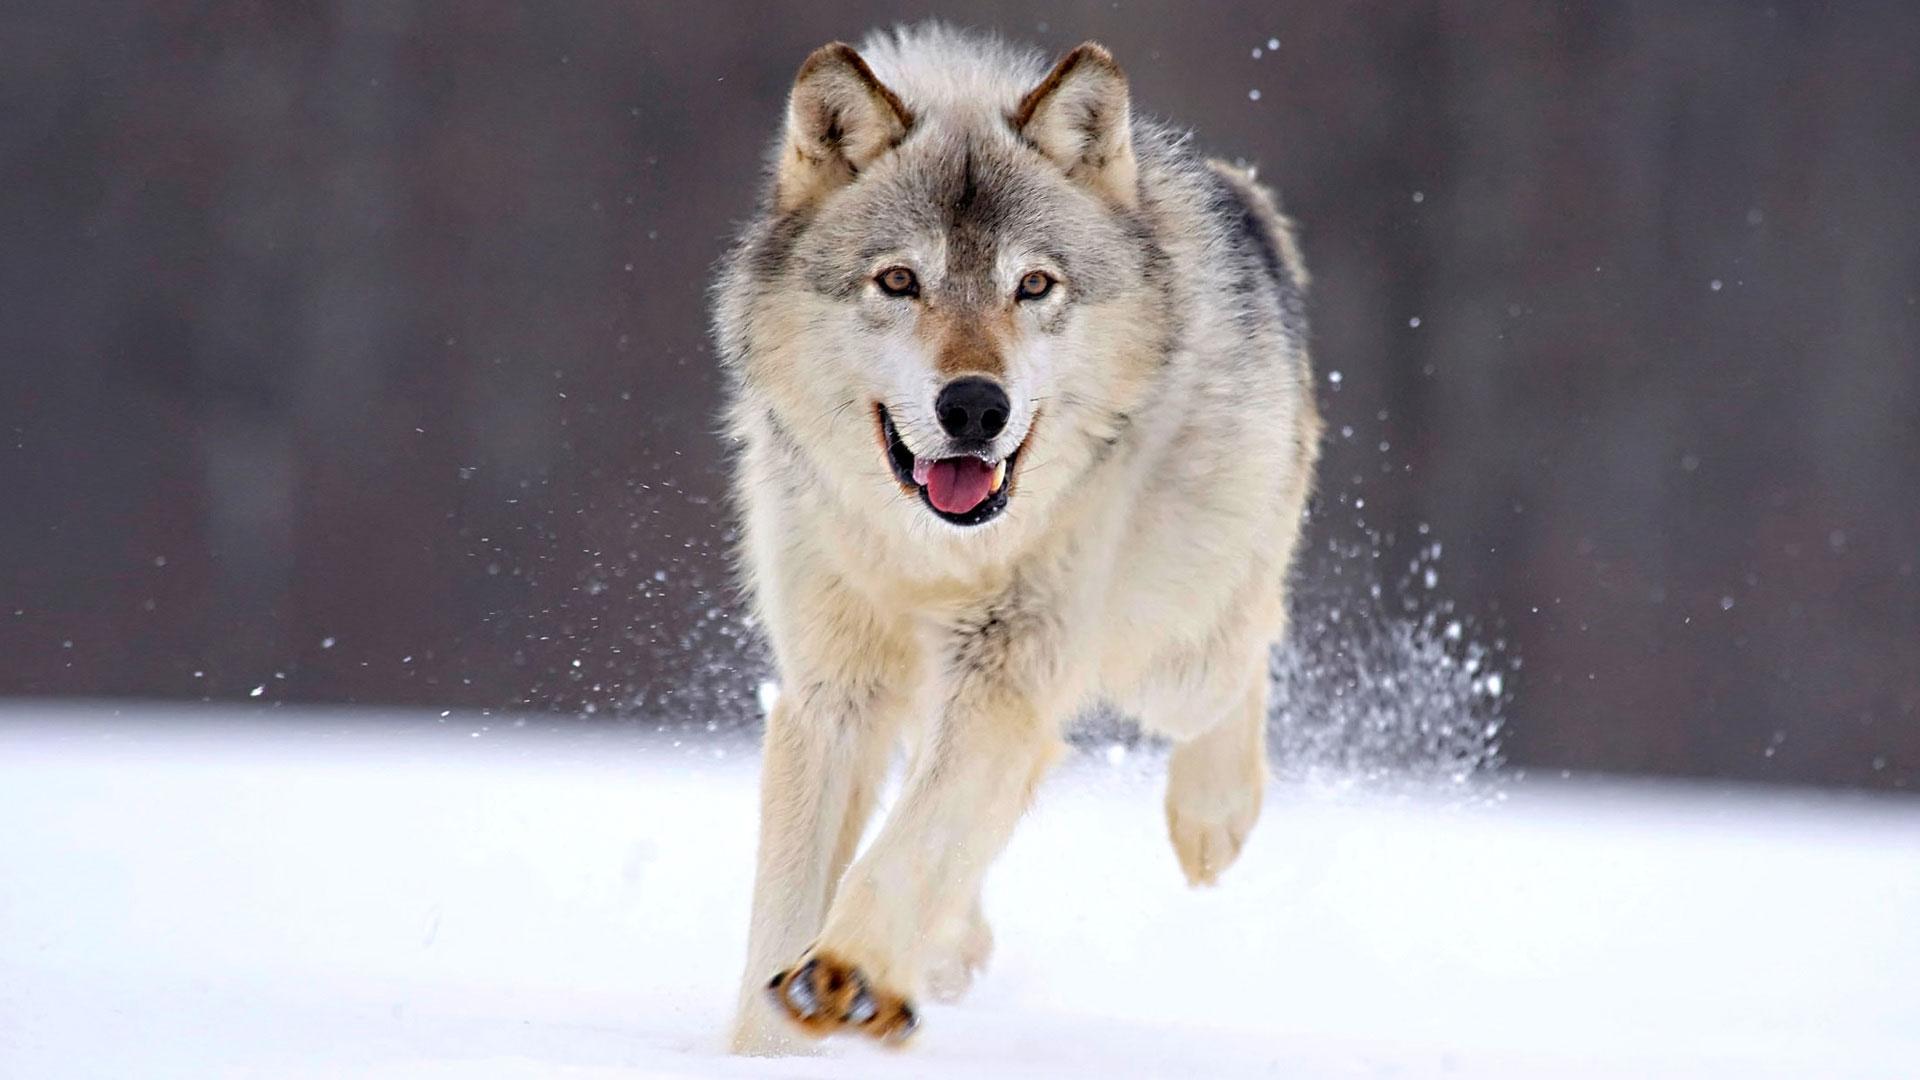 Картинки Волки скачать на рабочий стол бесплатно (25)